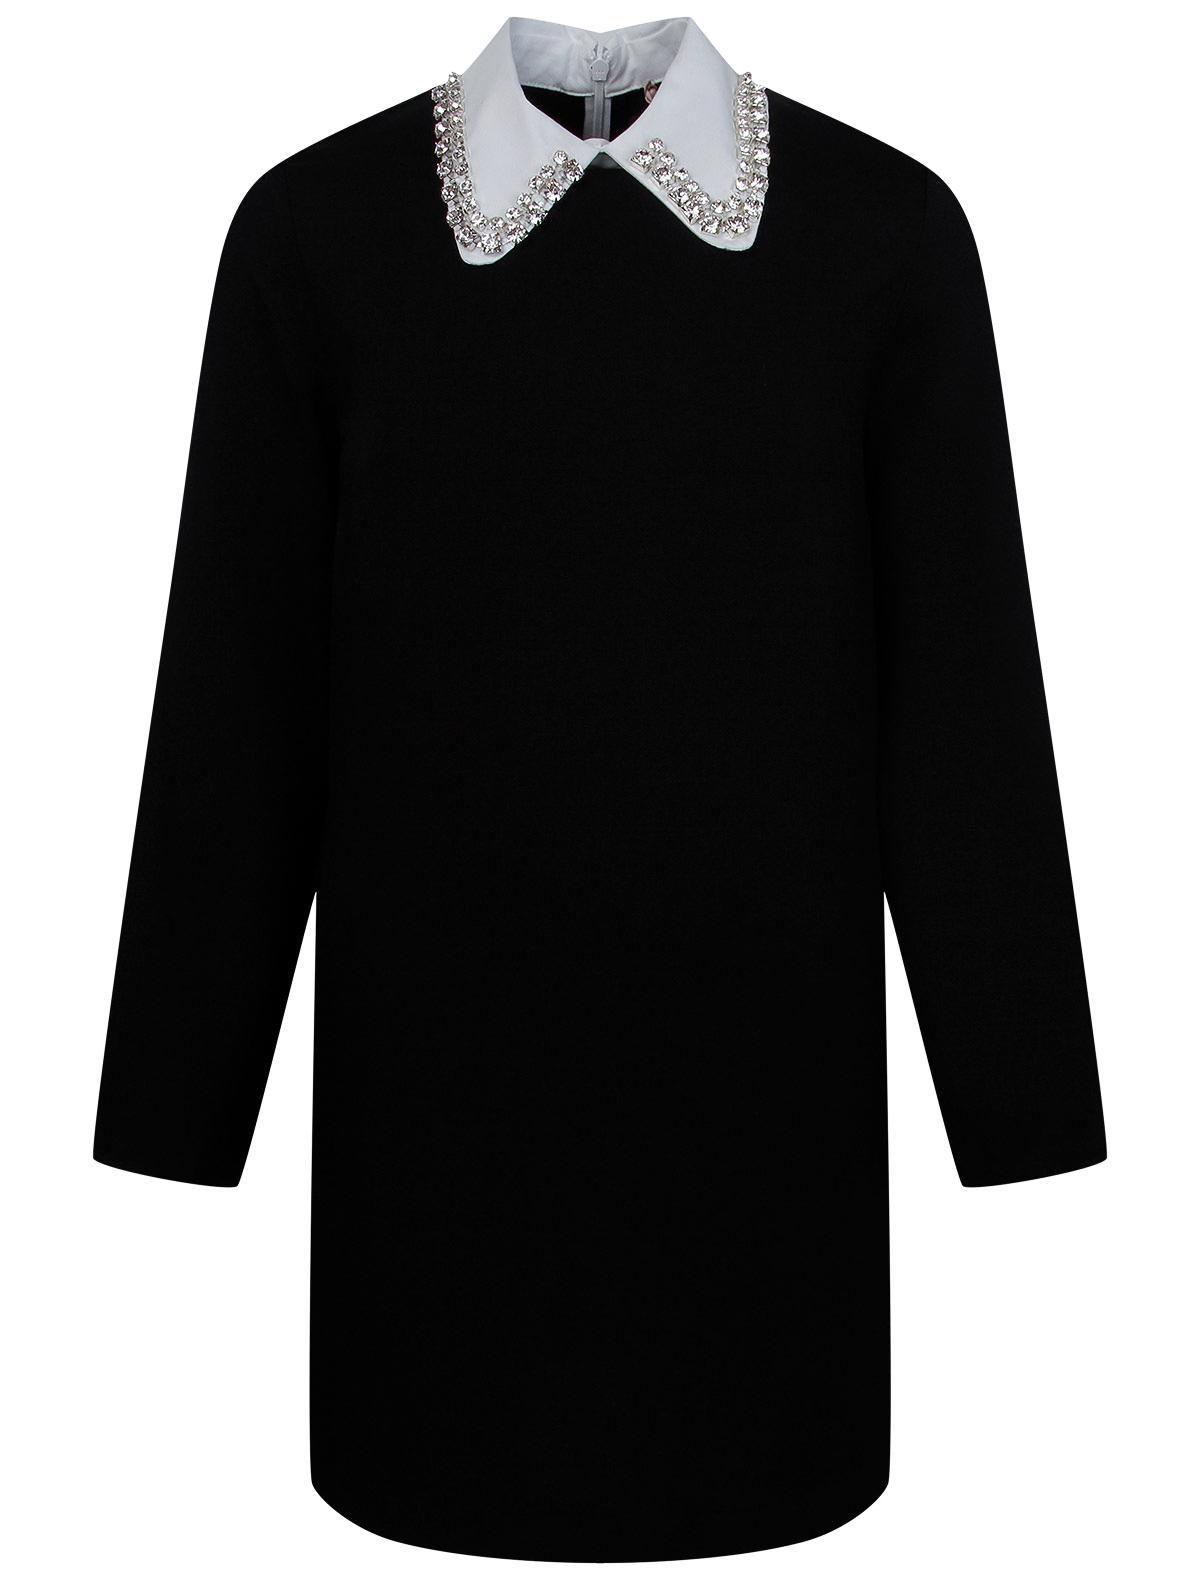 Купить 2247634, Платье №21 kids, черный, Женский, 1054609083512